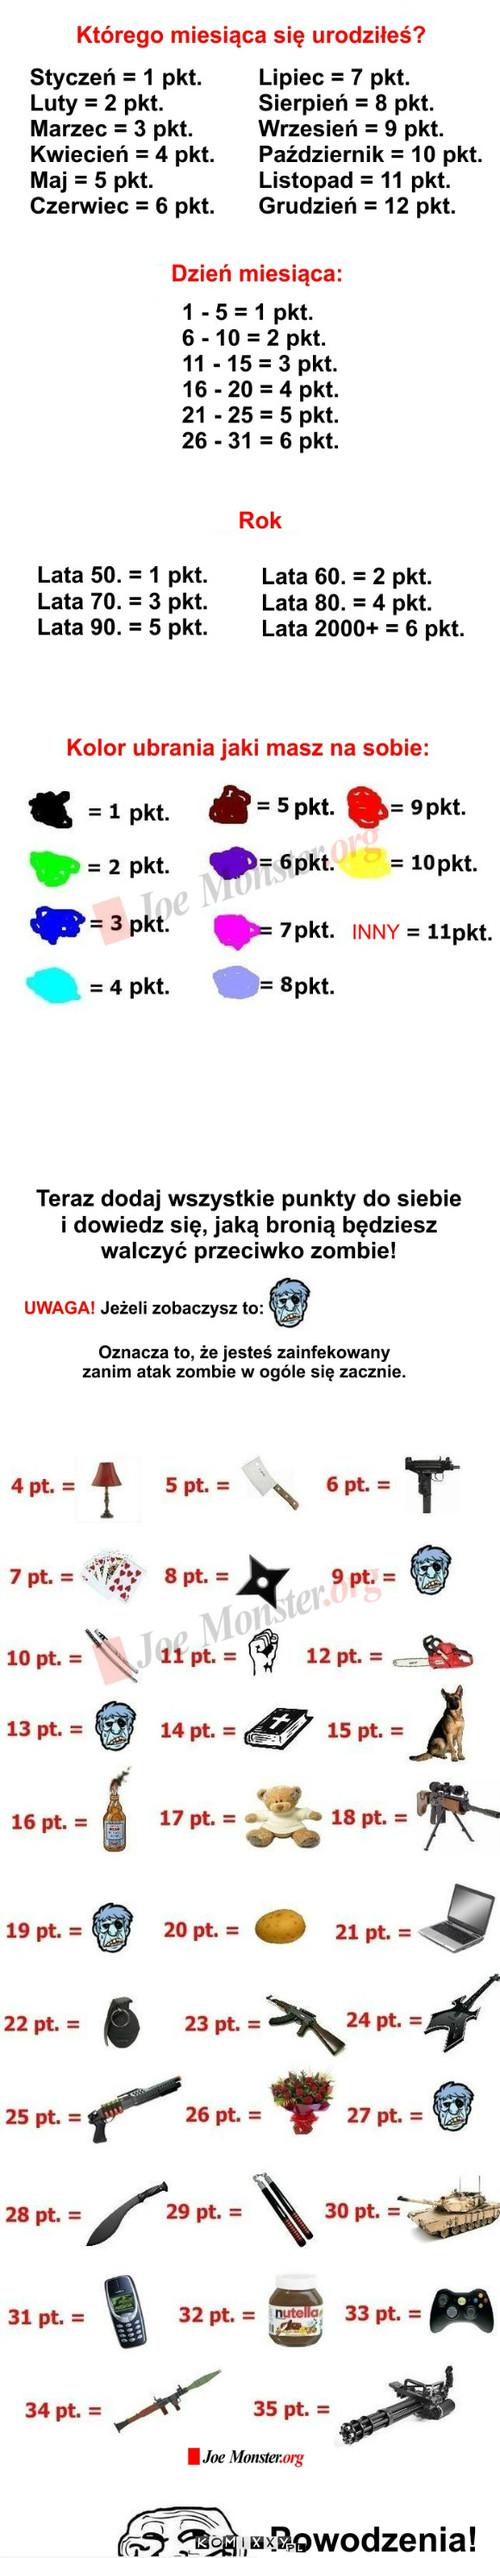 Czy przeżyłbyś atak zombie?  –